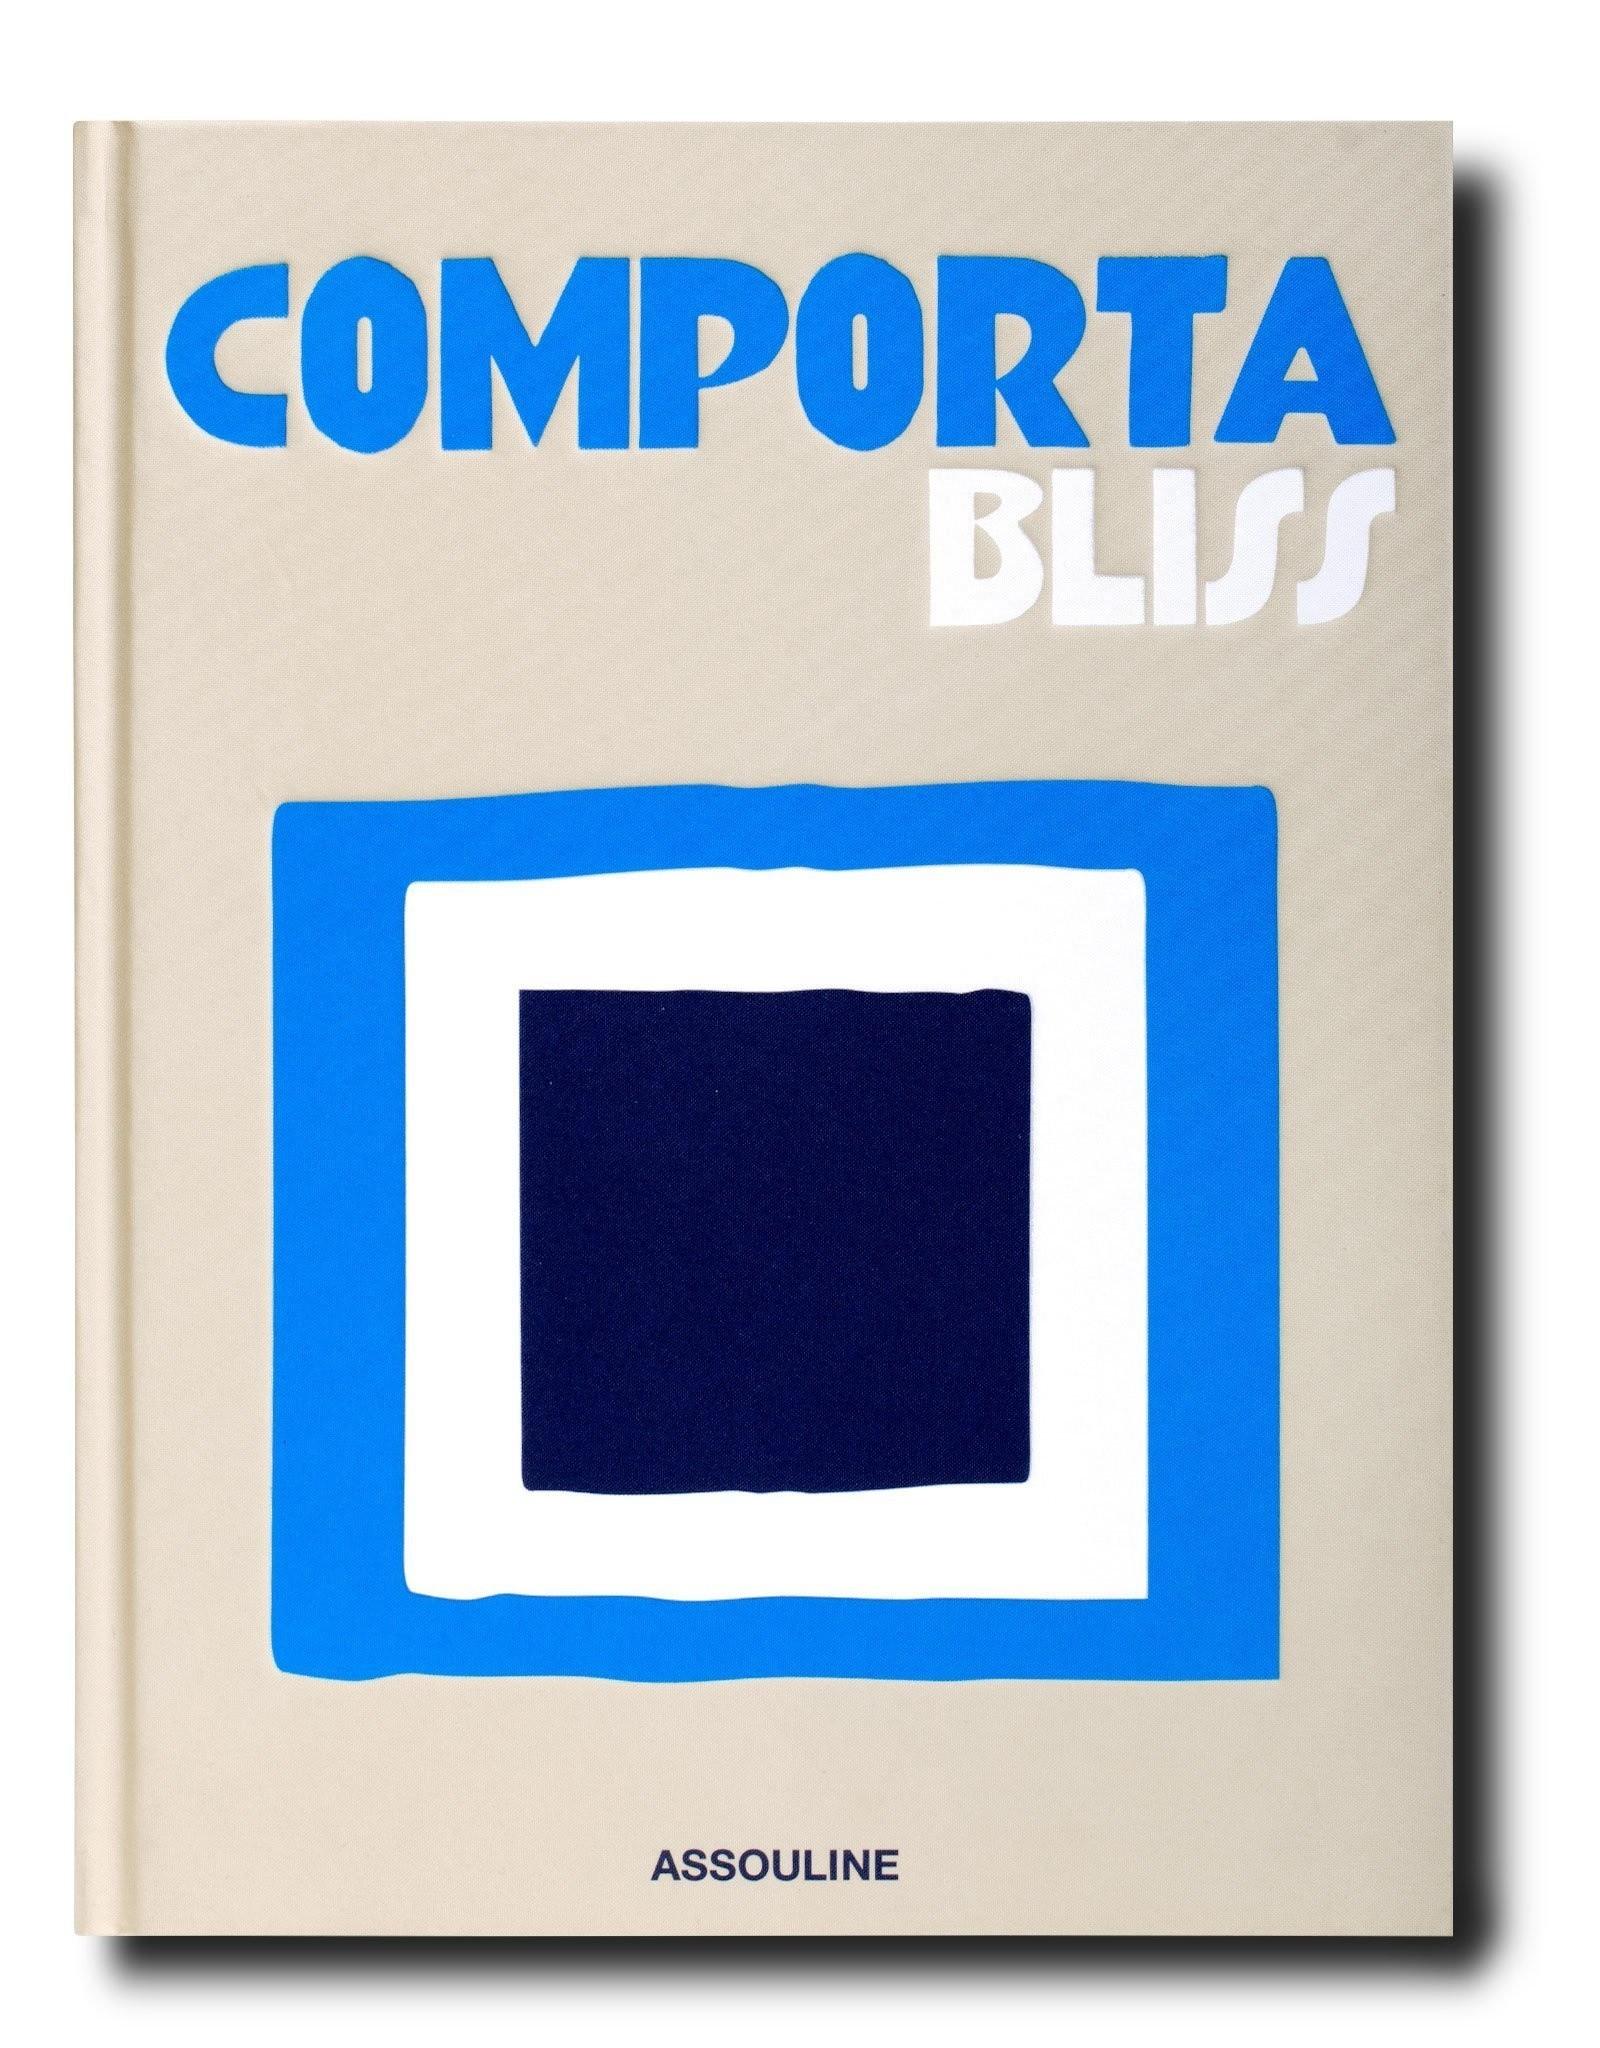 ASSOULINE COMPORTA BLISS